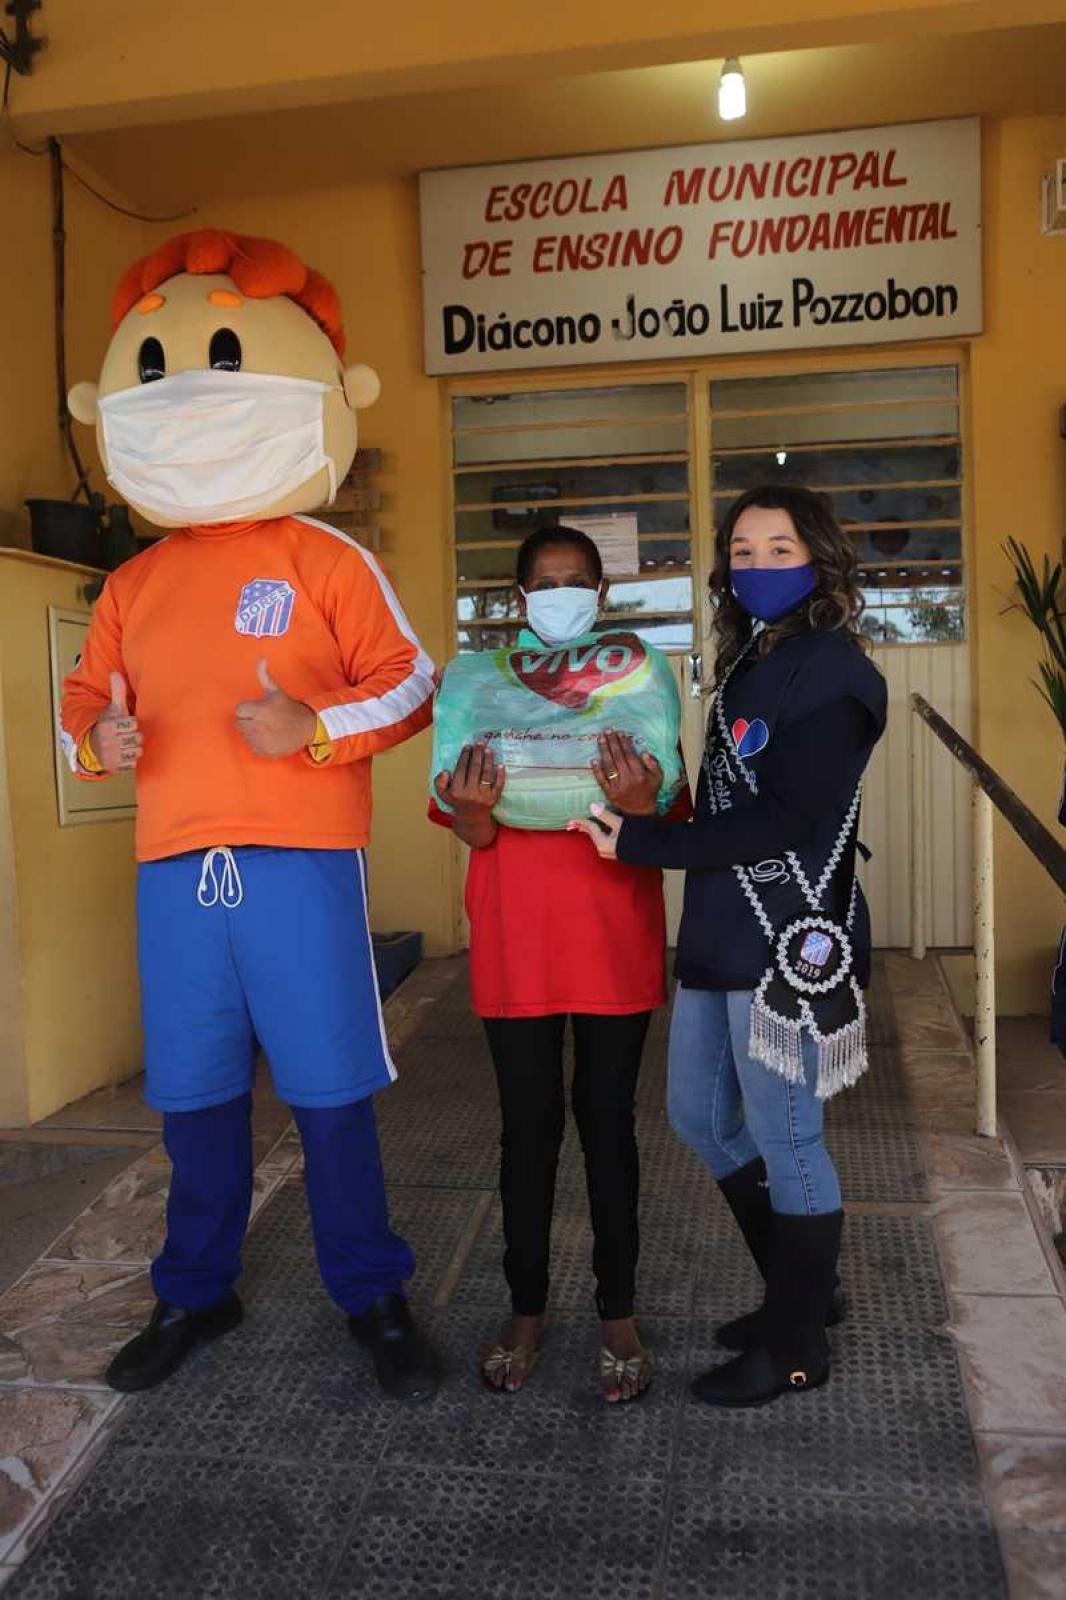 Dores em Ação Social - Diácono João Luiz Pozzobon